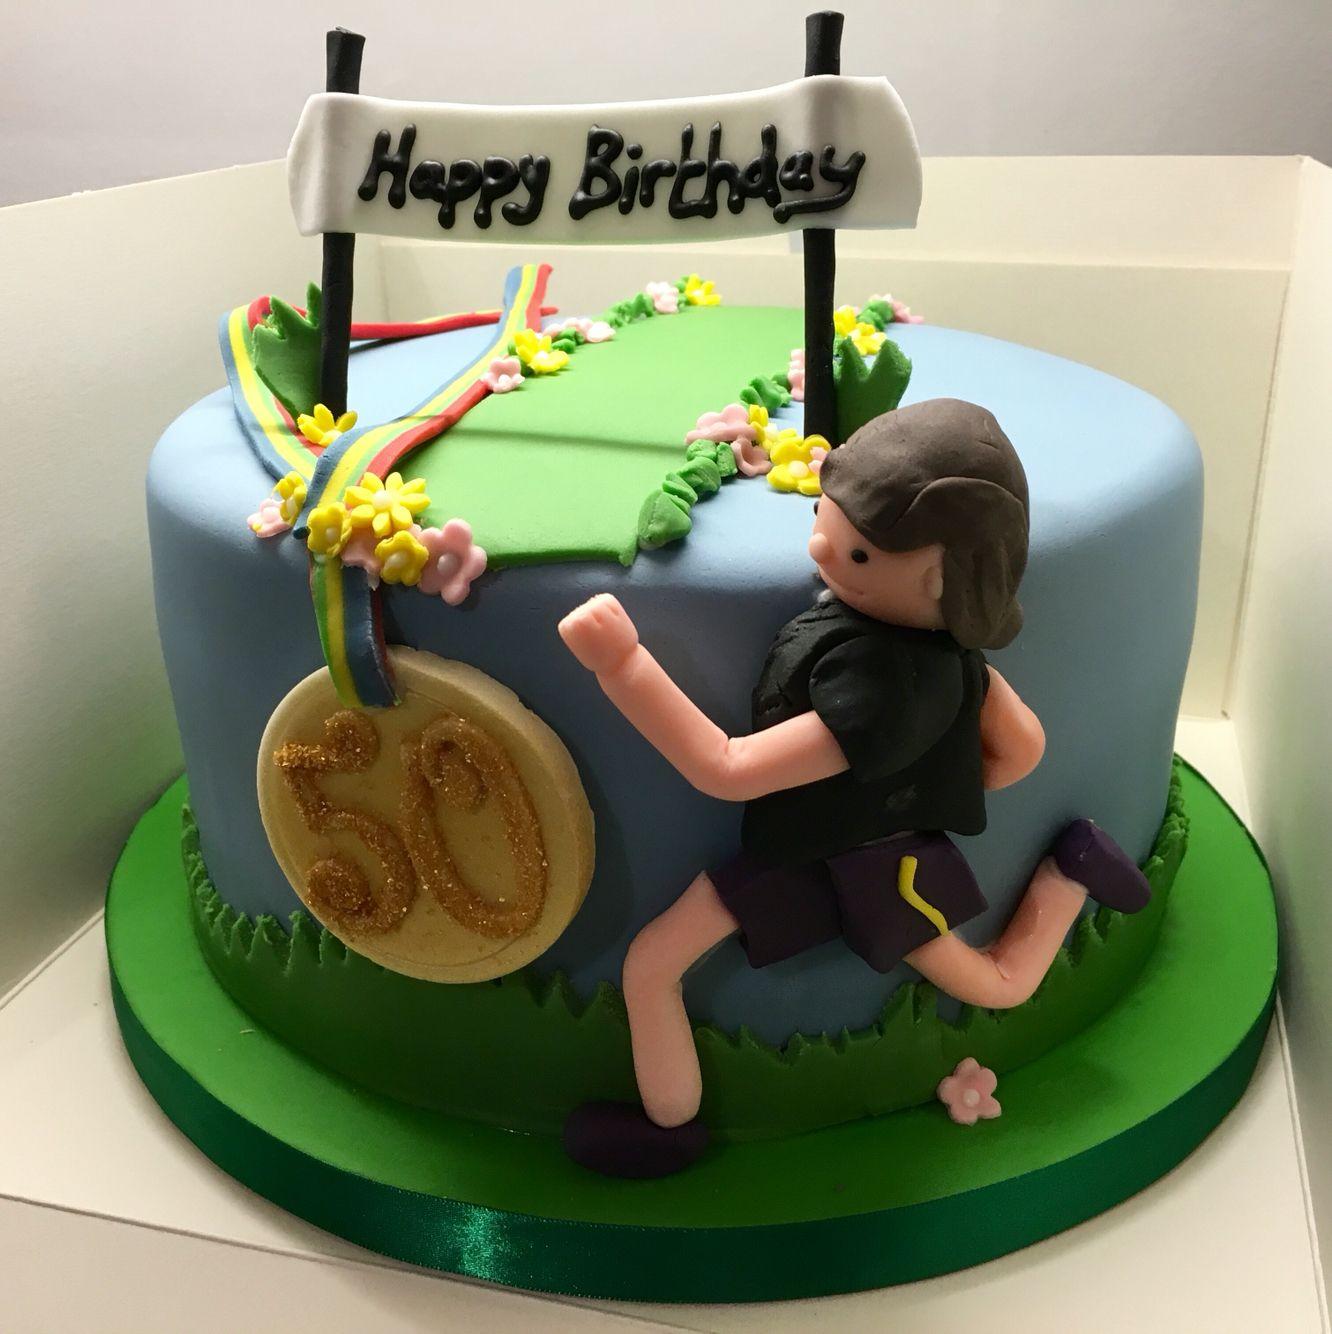 Cake Decorating Ideas Runners : Runner birthday cake Cakes Pinterest Runners ...